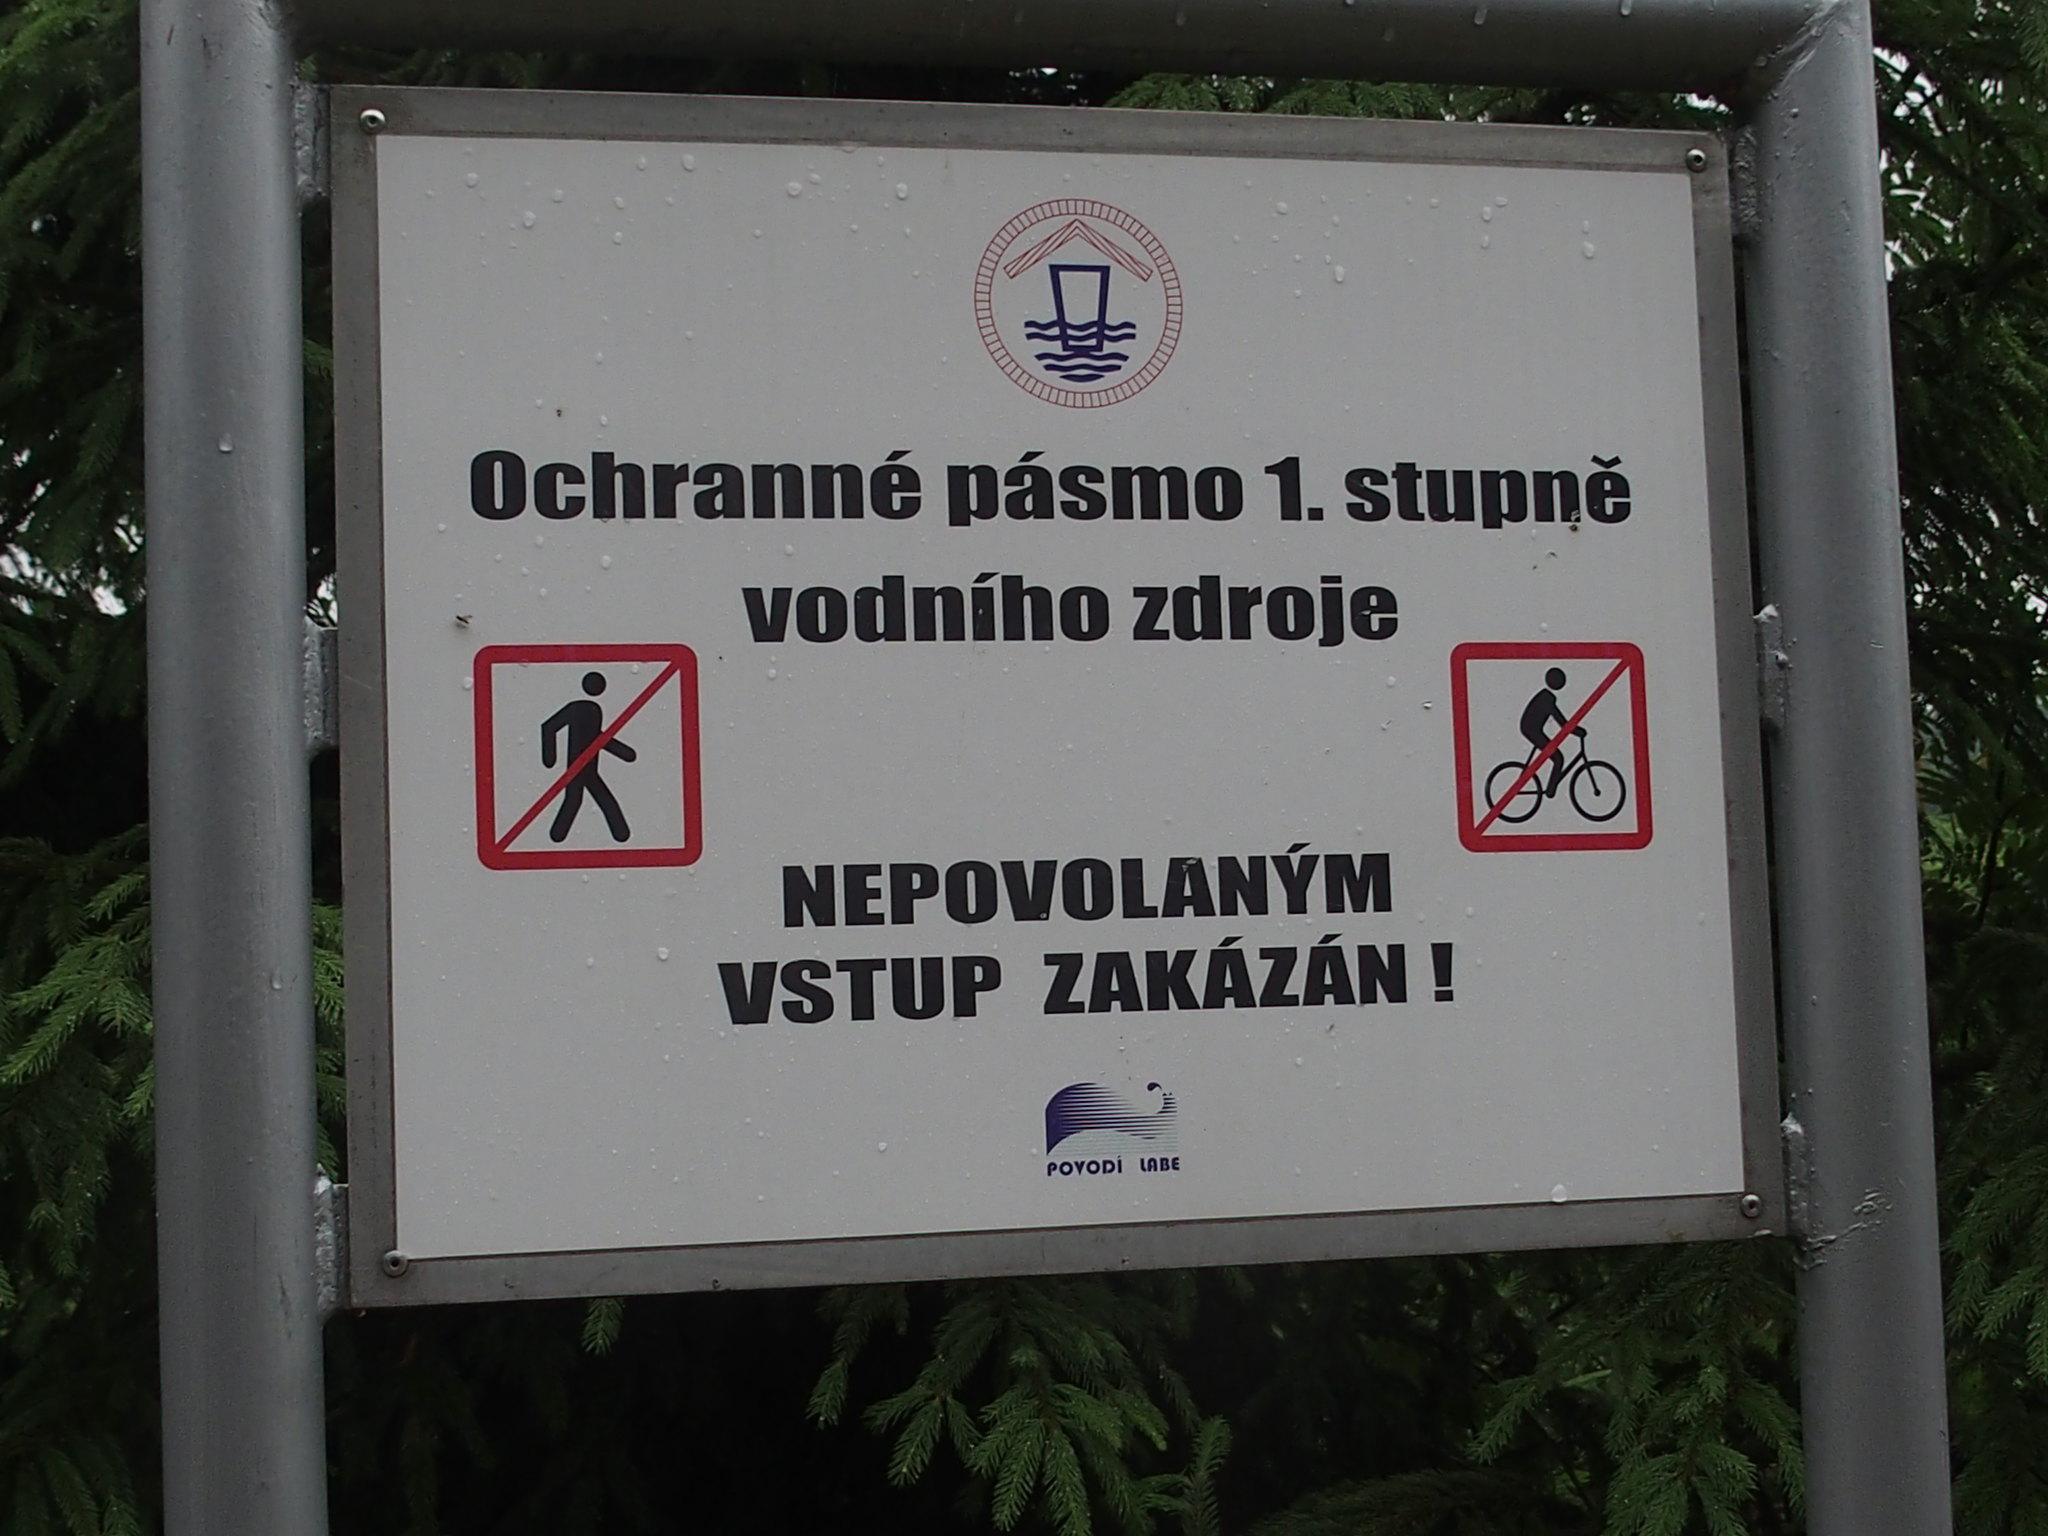 Förbjudet